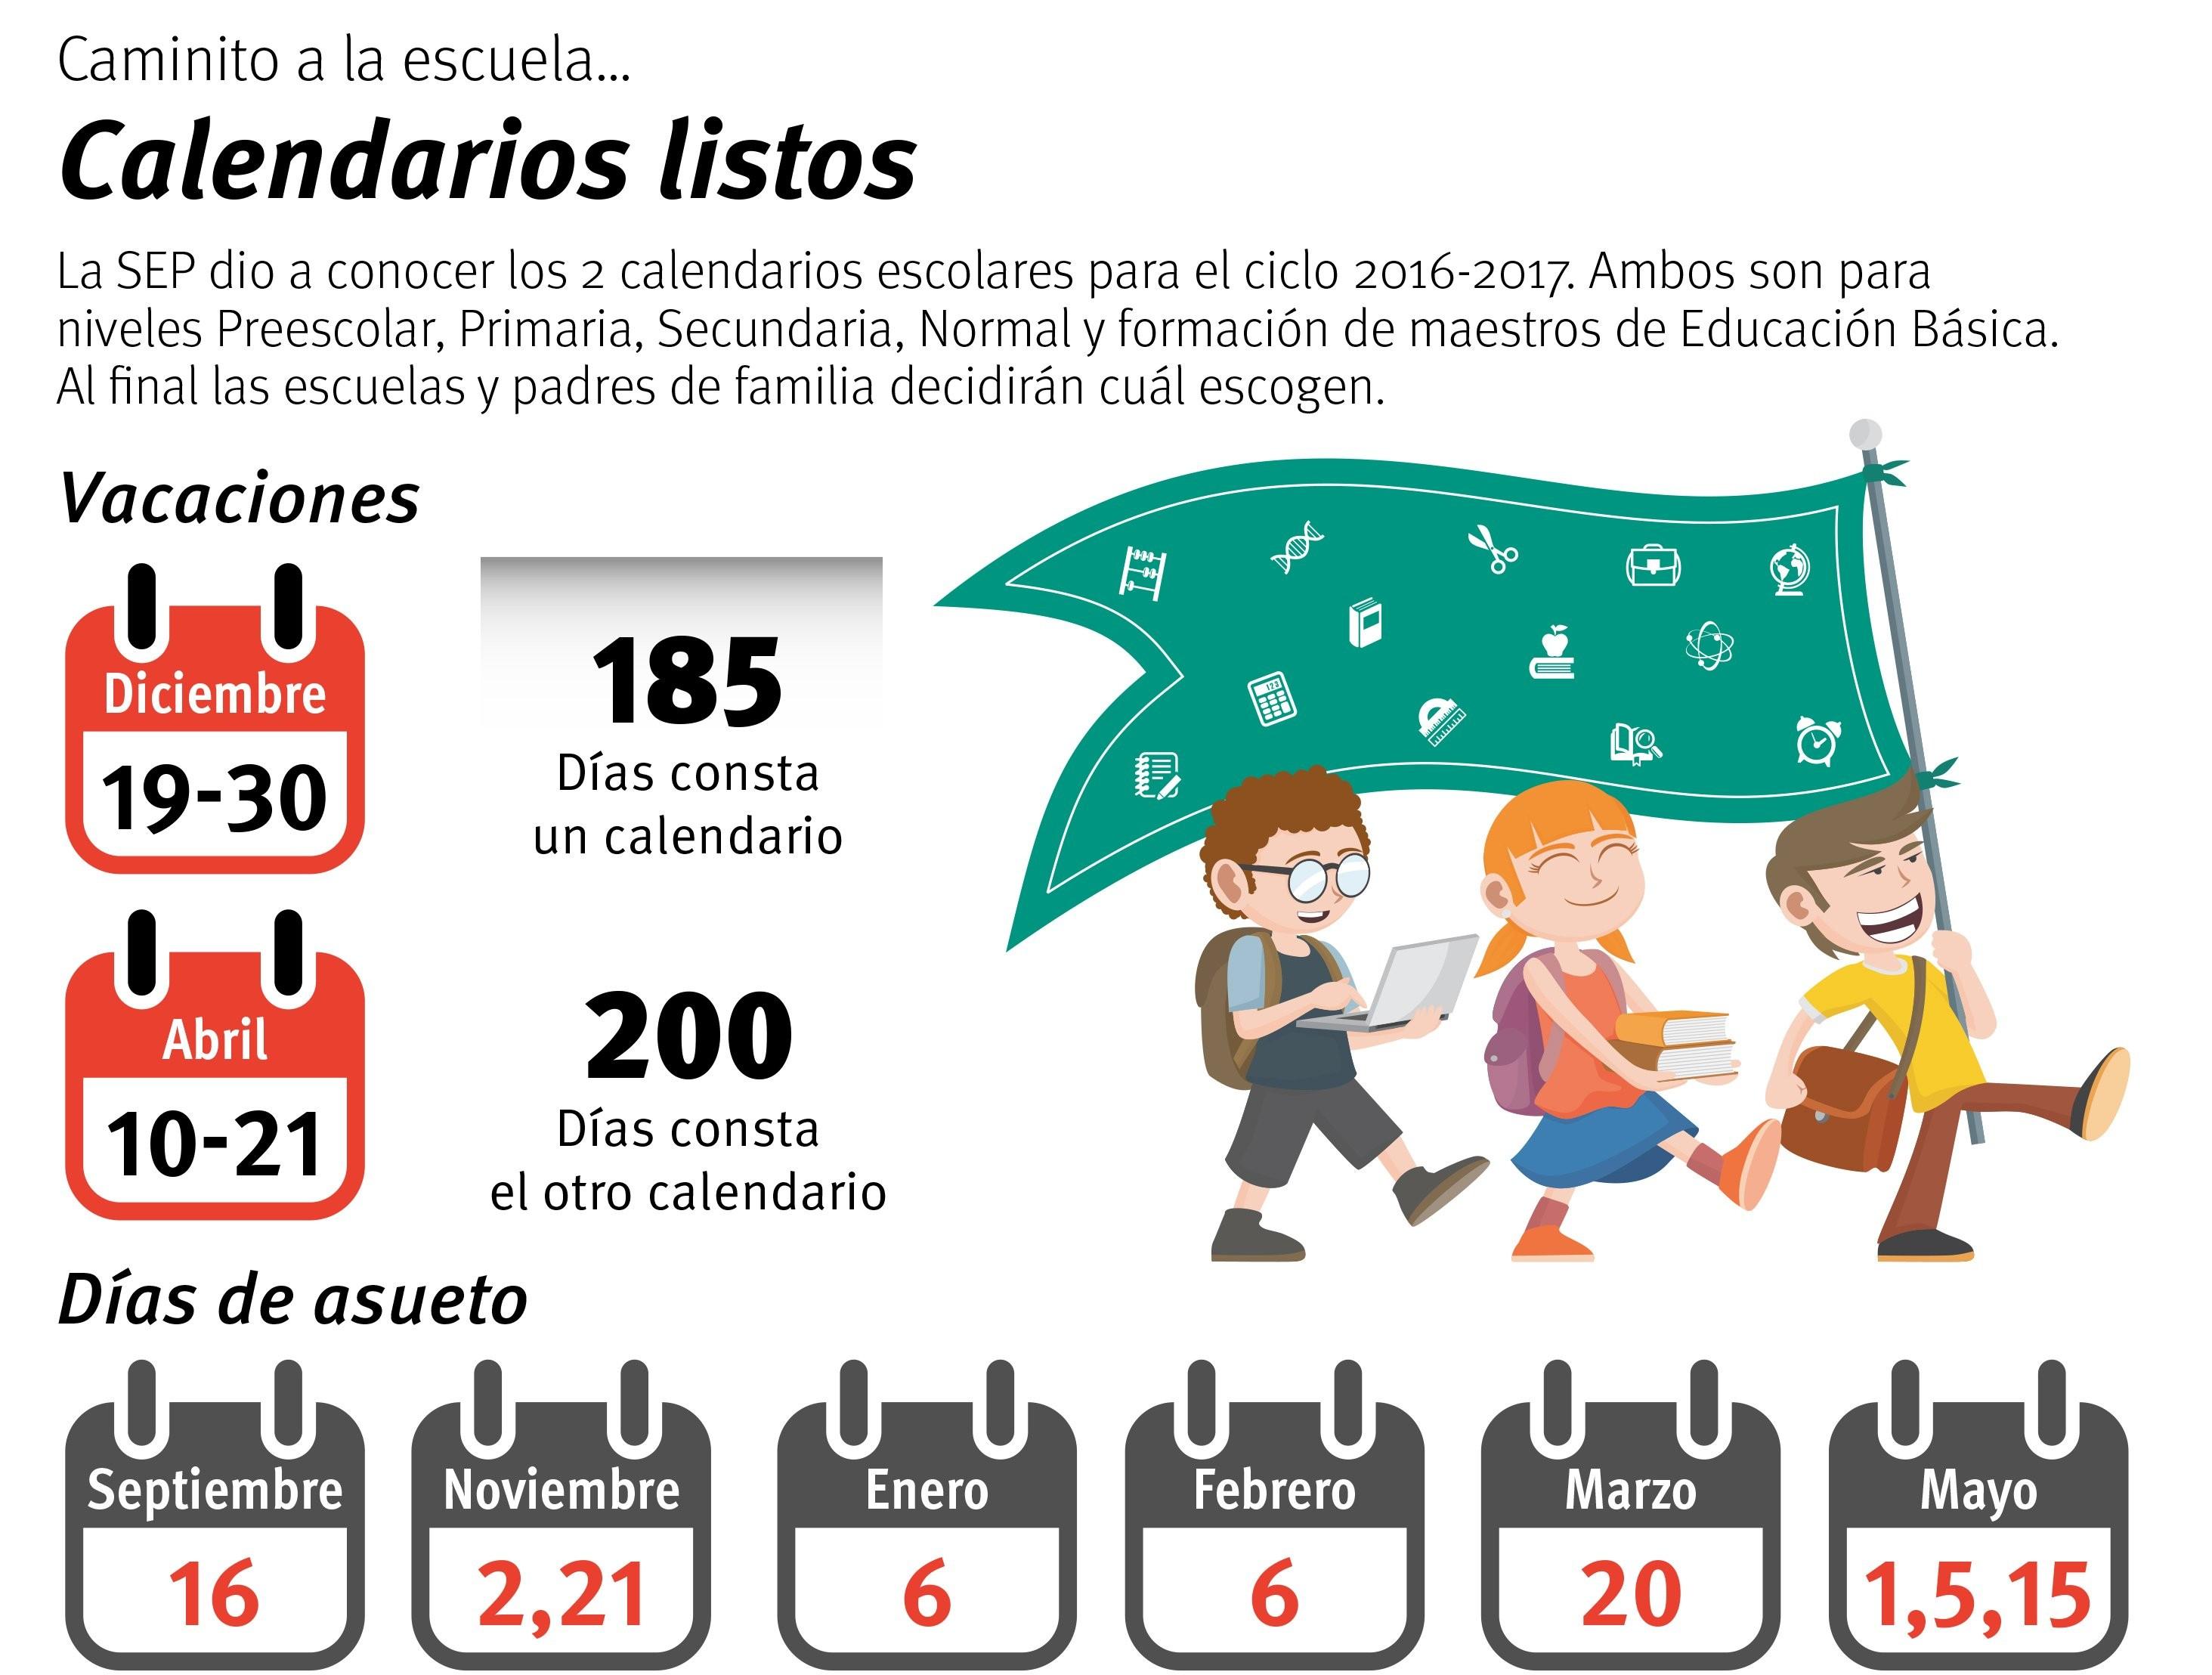 Calendario 2019 Escolar Argentina Más Arriba-a-fecha Publica La Sep 2 Calendarios Of Calendario 2019 Escolar Argentina Mejores Y Más Novedosos Calendario Escolar Colegio San Francisco De ass